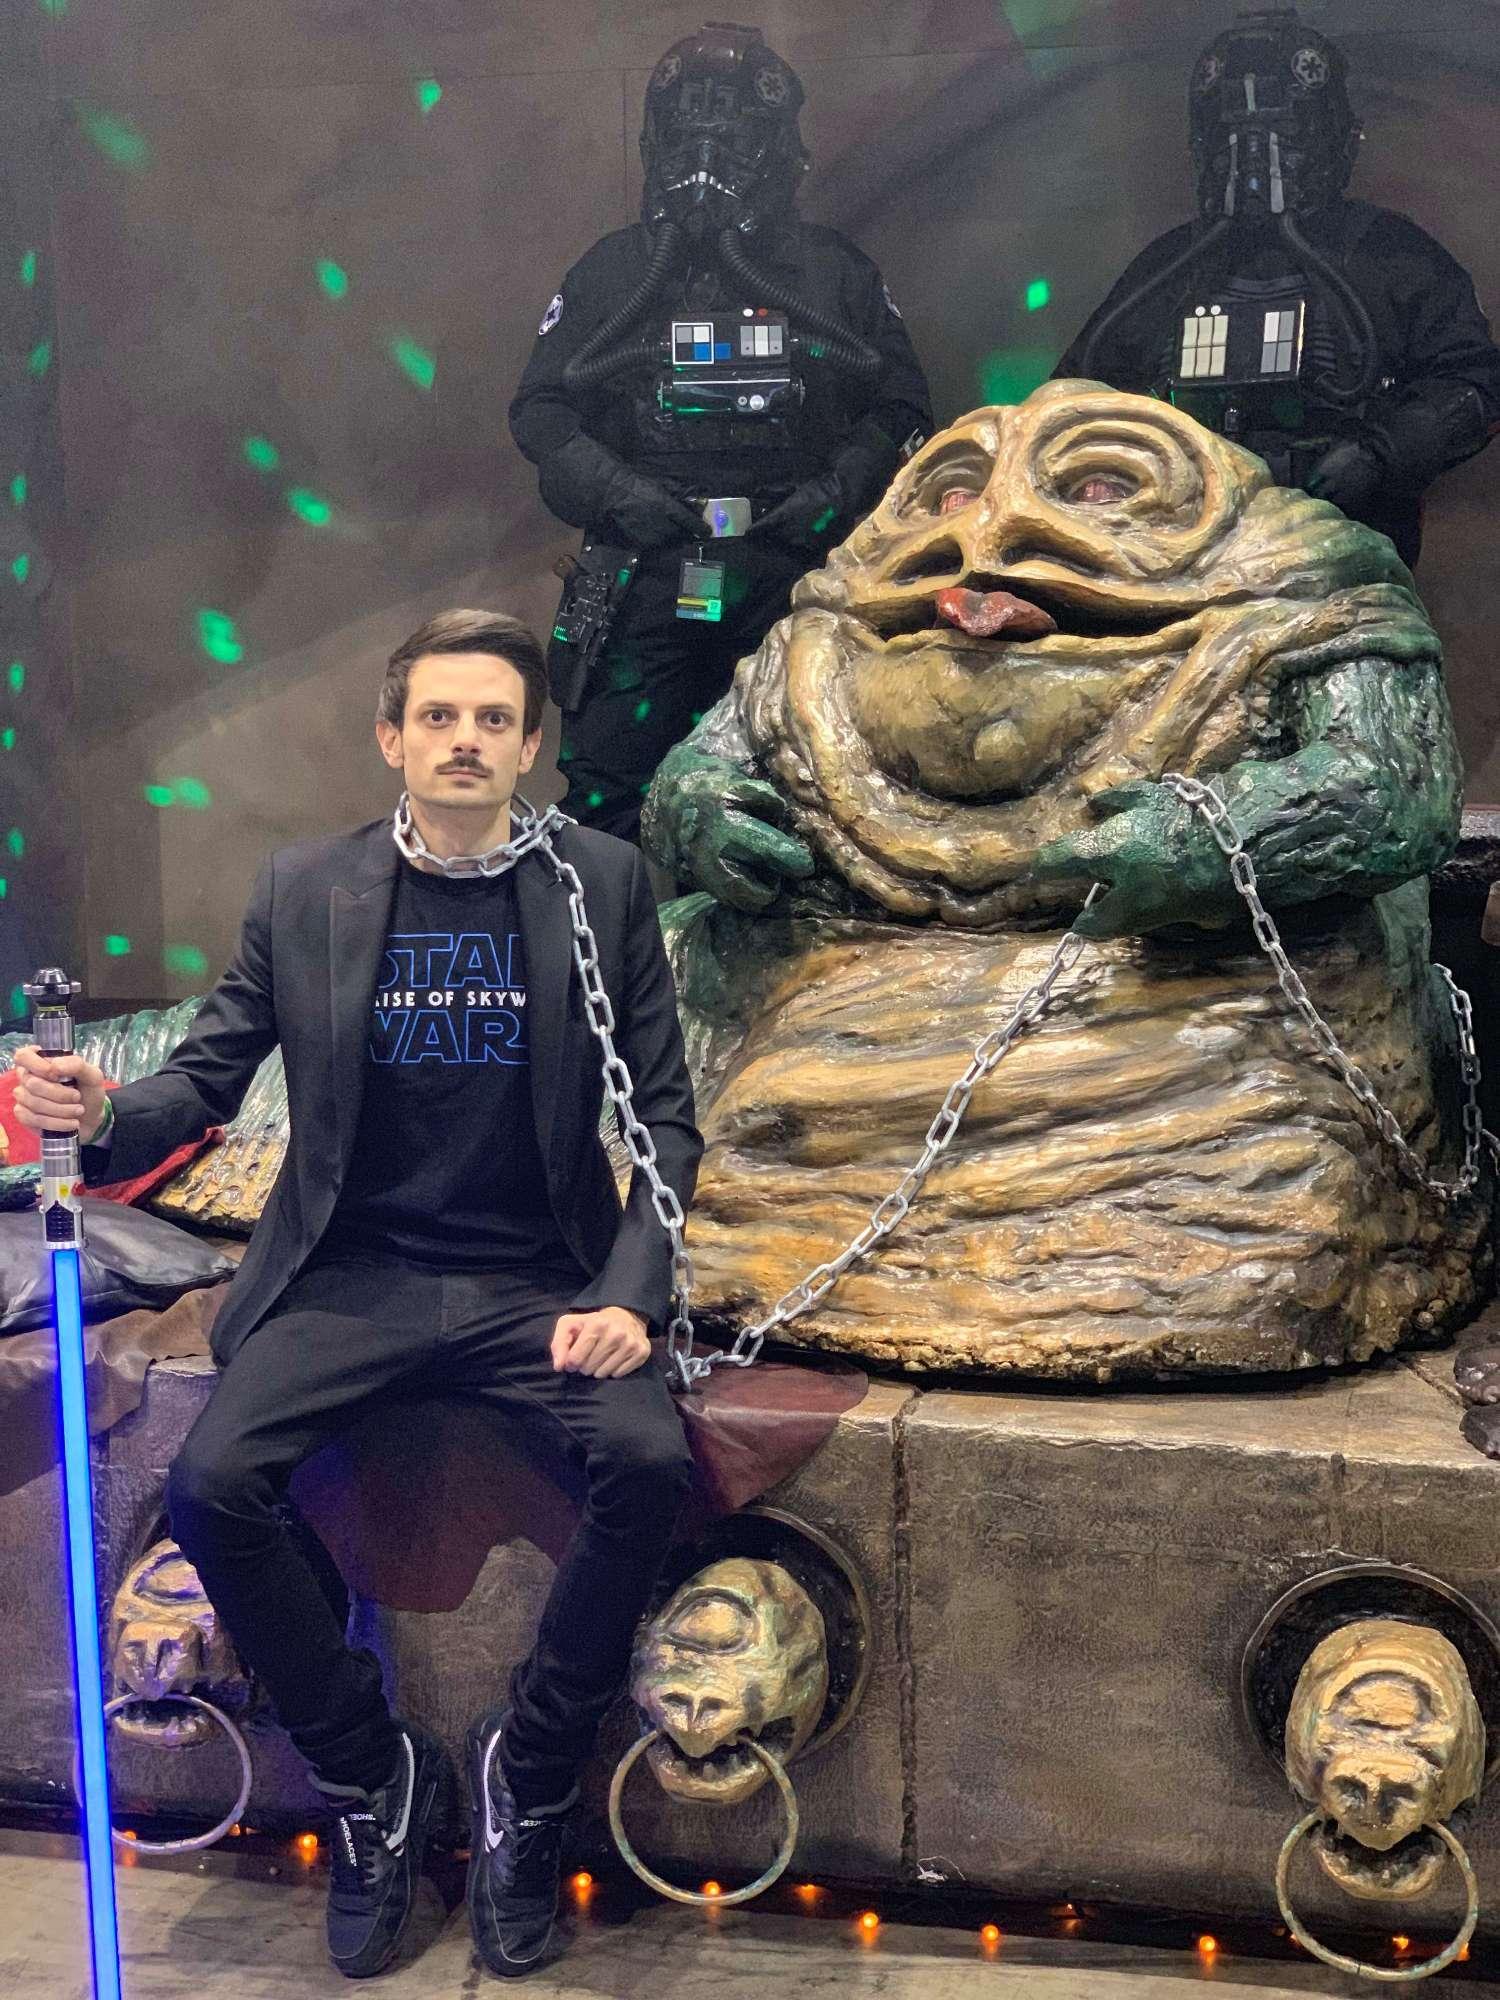 La Forza è con Rovazzi: il conduttore alla convention di Star Wars a Chicago